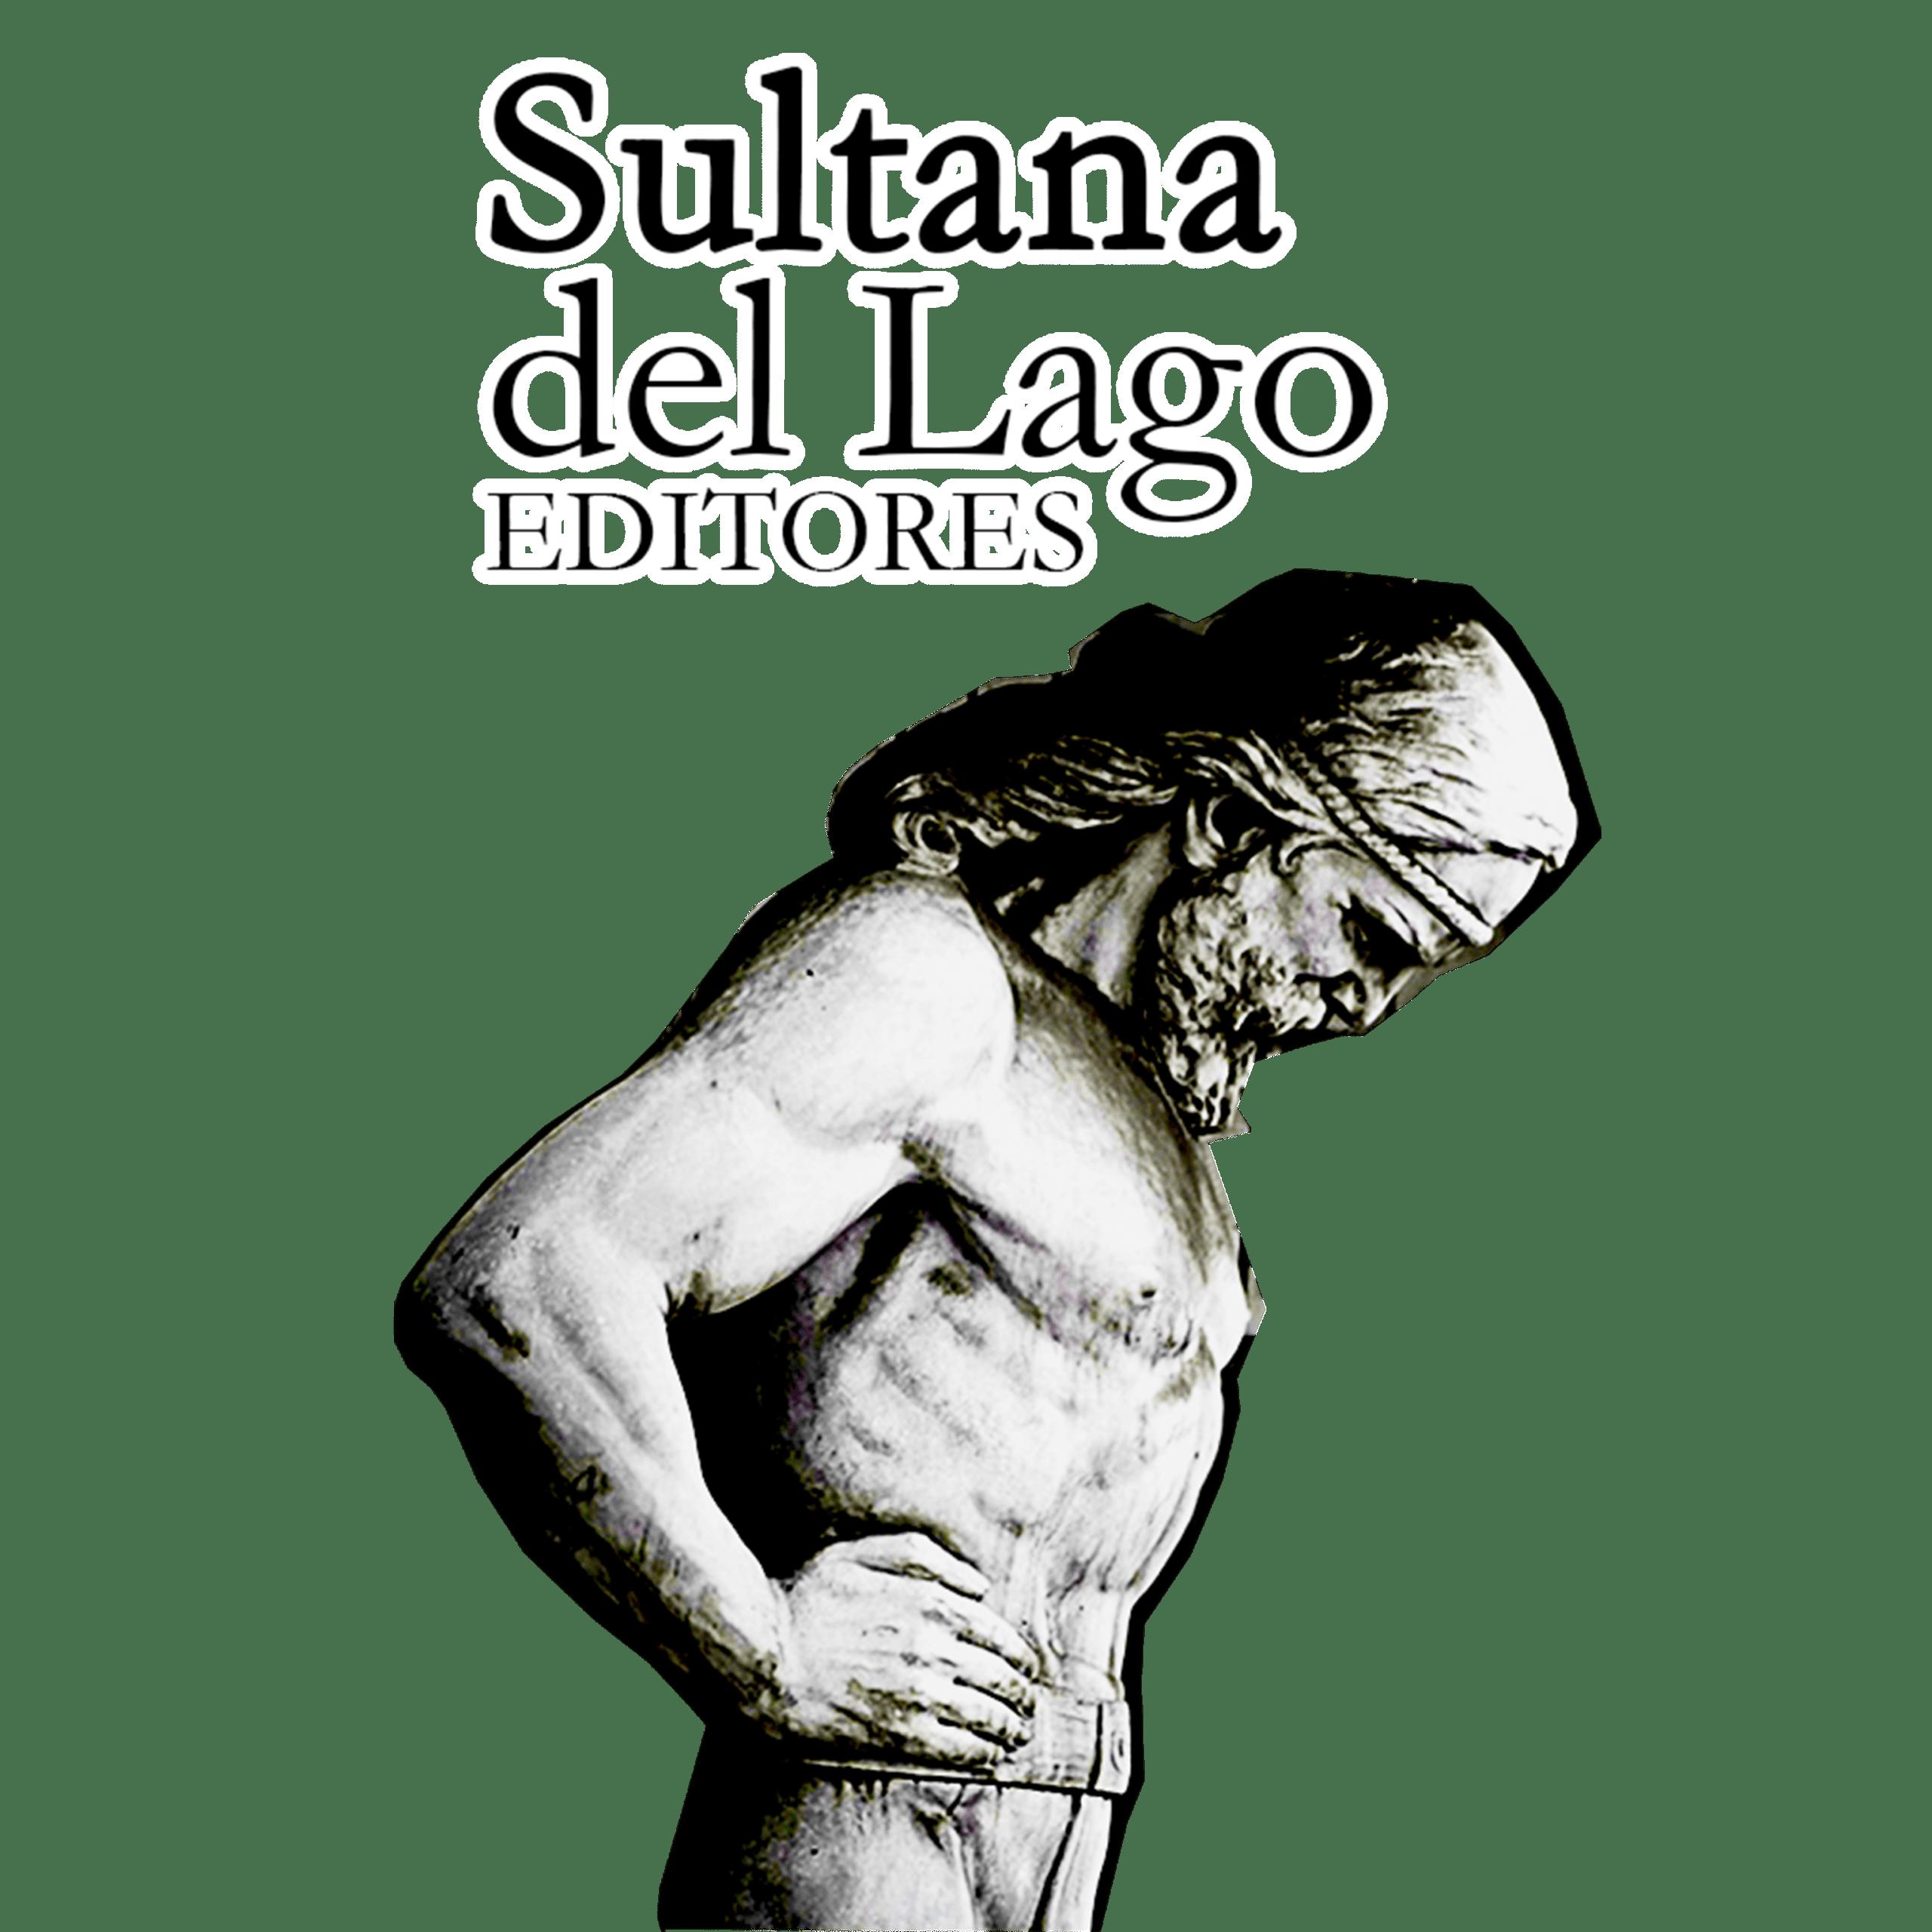 Sultana del Lago Editores